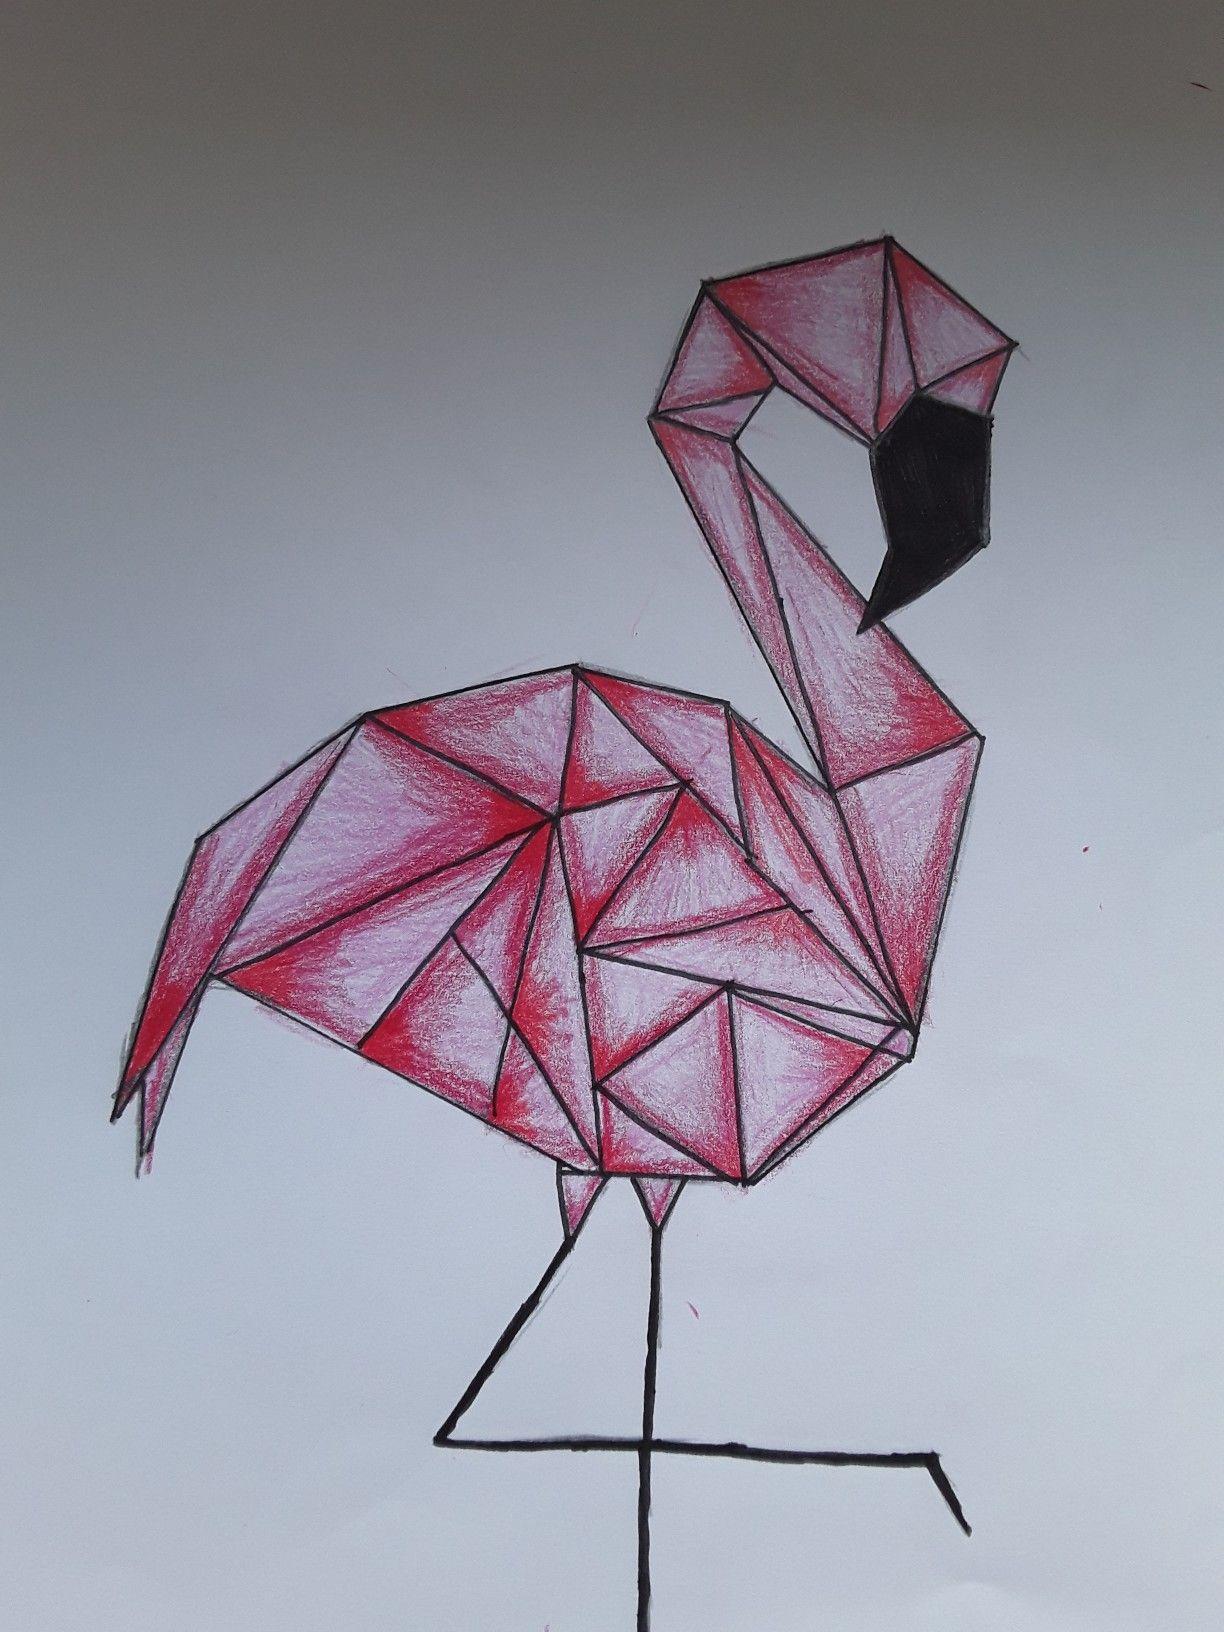 Geometrische Form Nach Gemalt In 2020 Malen Und Zeichnen Einfach Zeichnen Malen Lernen